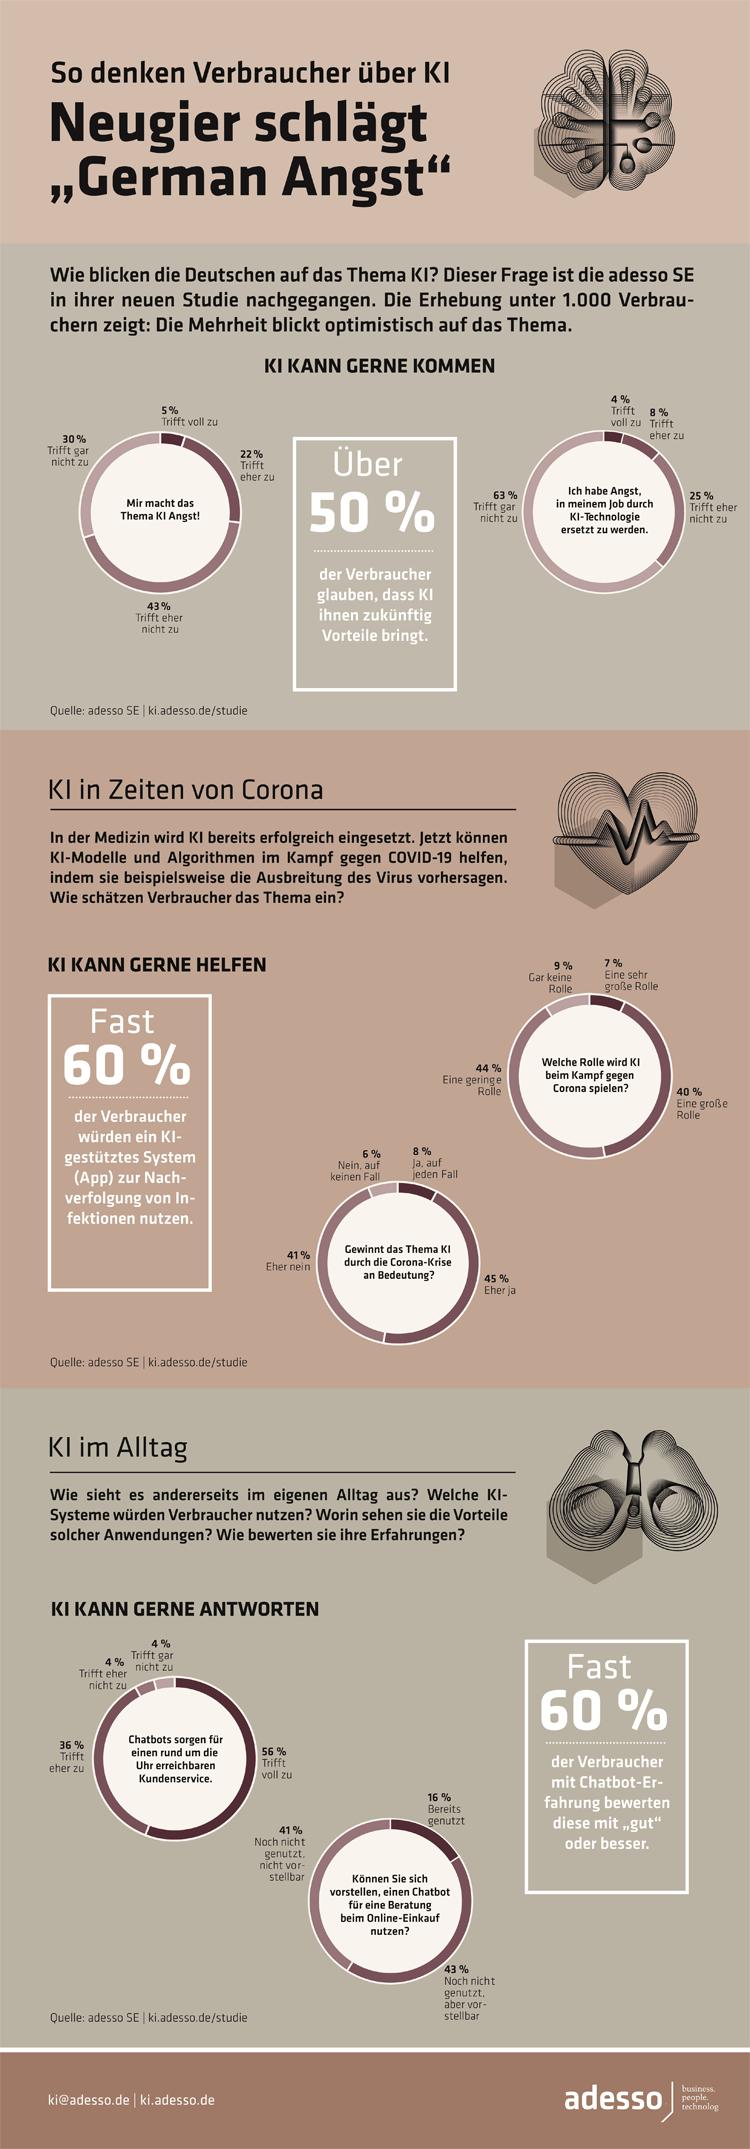 Infografik: So denken deutsche Konsumenten über Künstliche Intelligenz